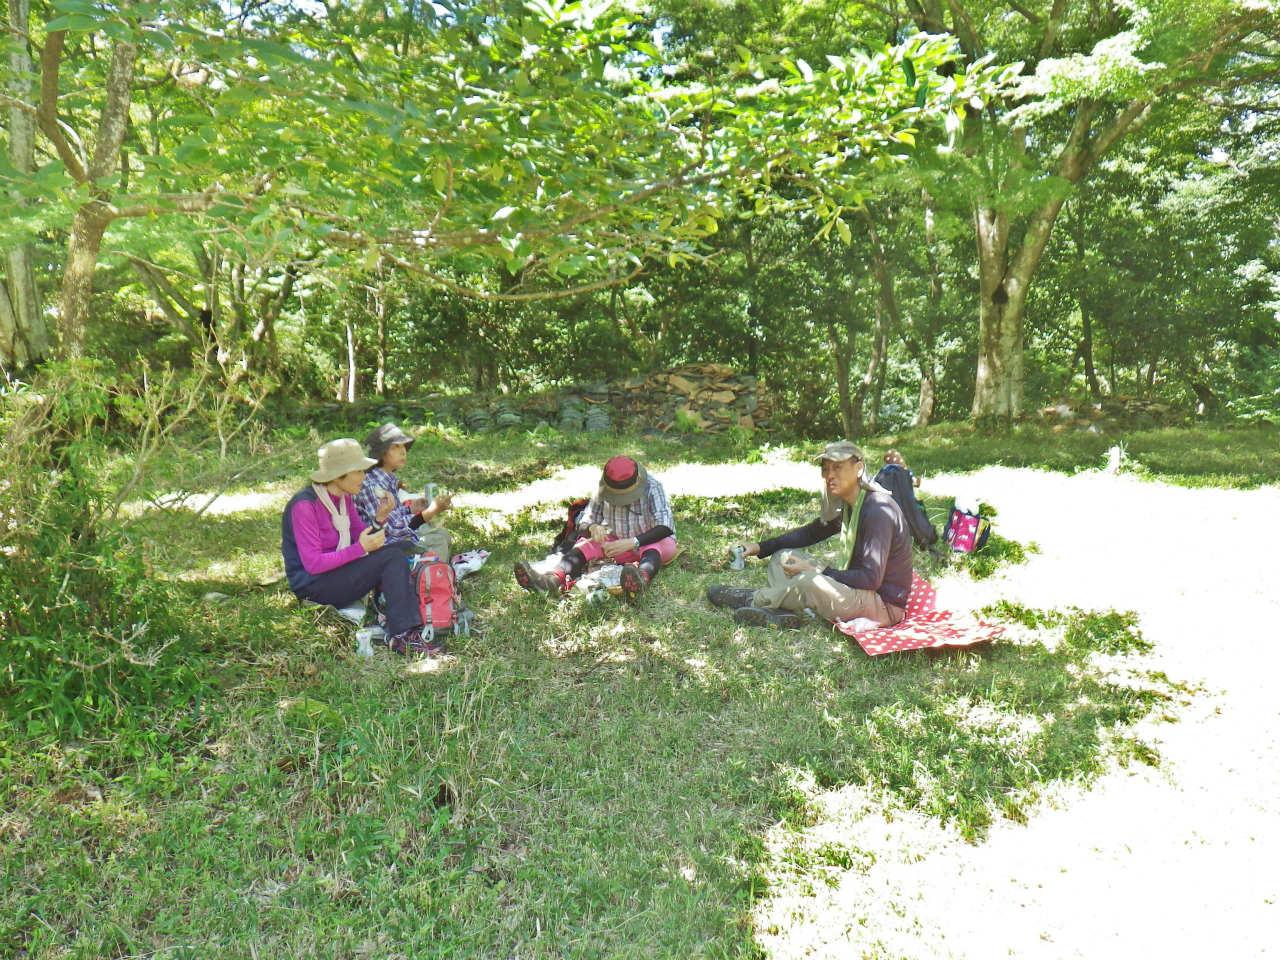 23b 本丸の木陰で昼食